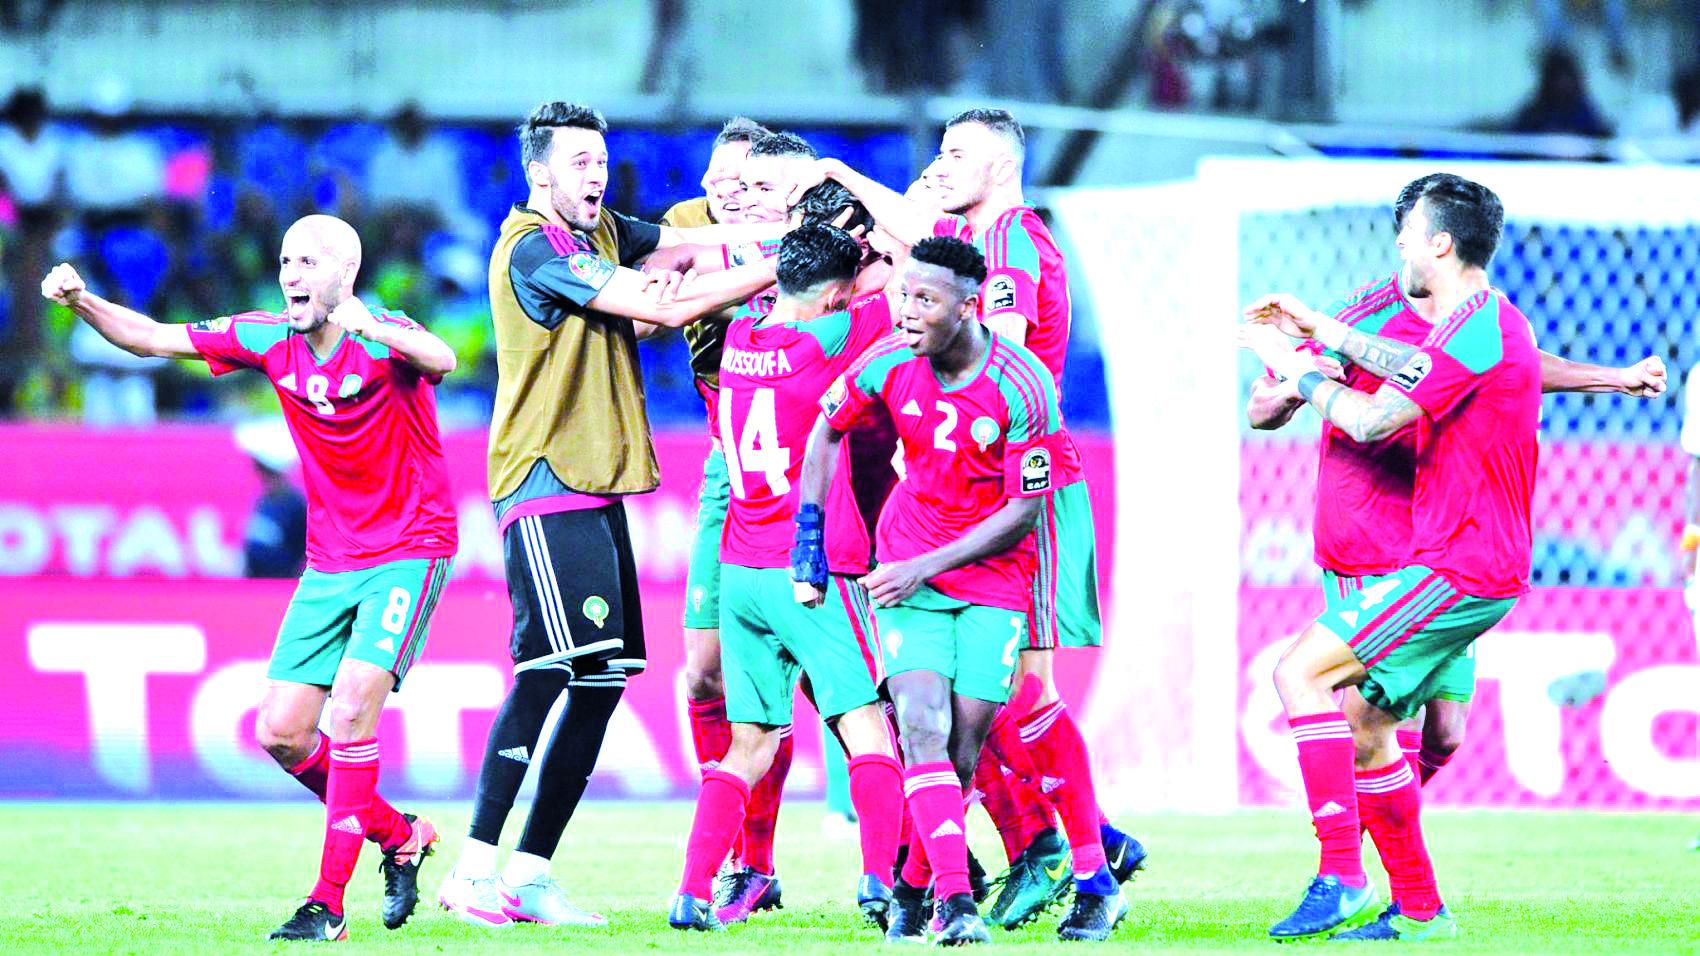 صورة 170 مليارا قيمة لاعبي المنتخب المغربي في كأس العالم